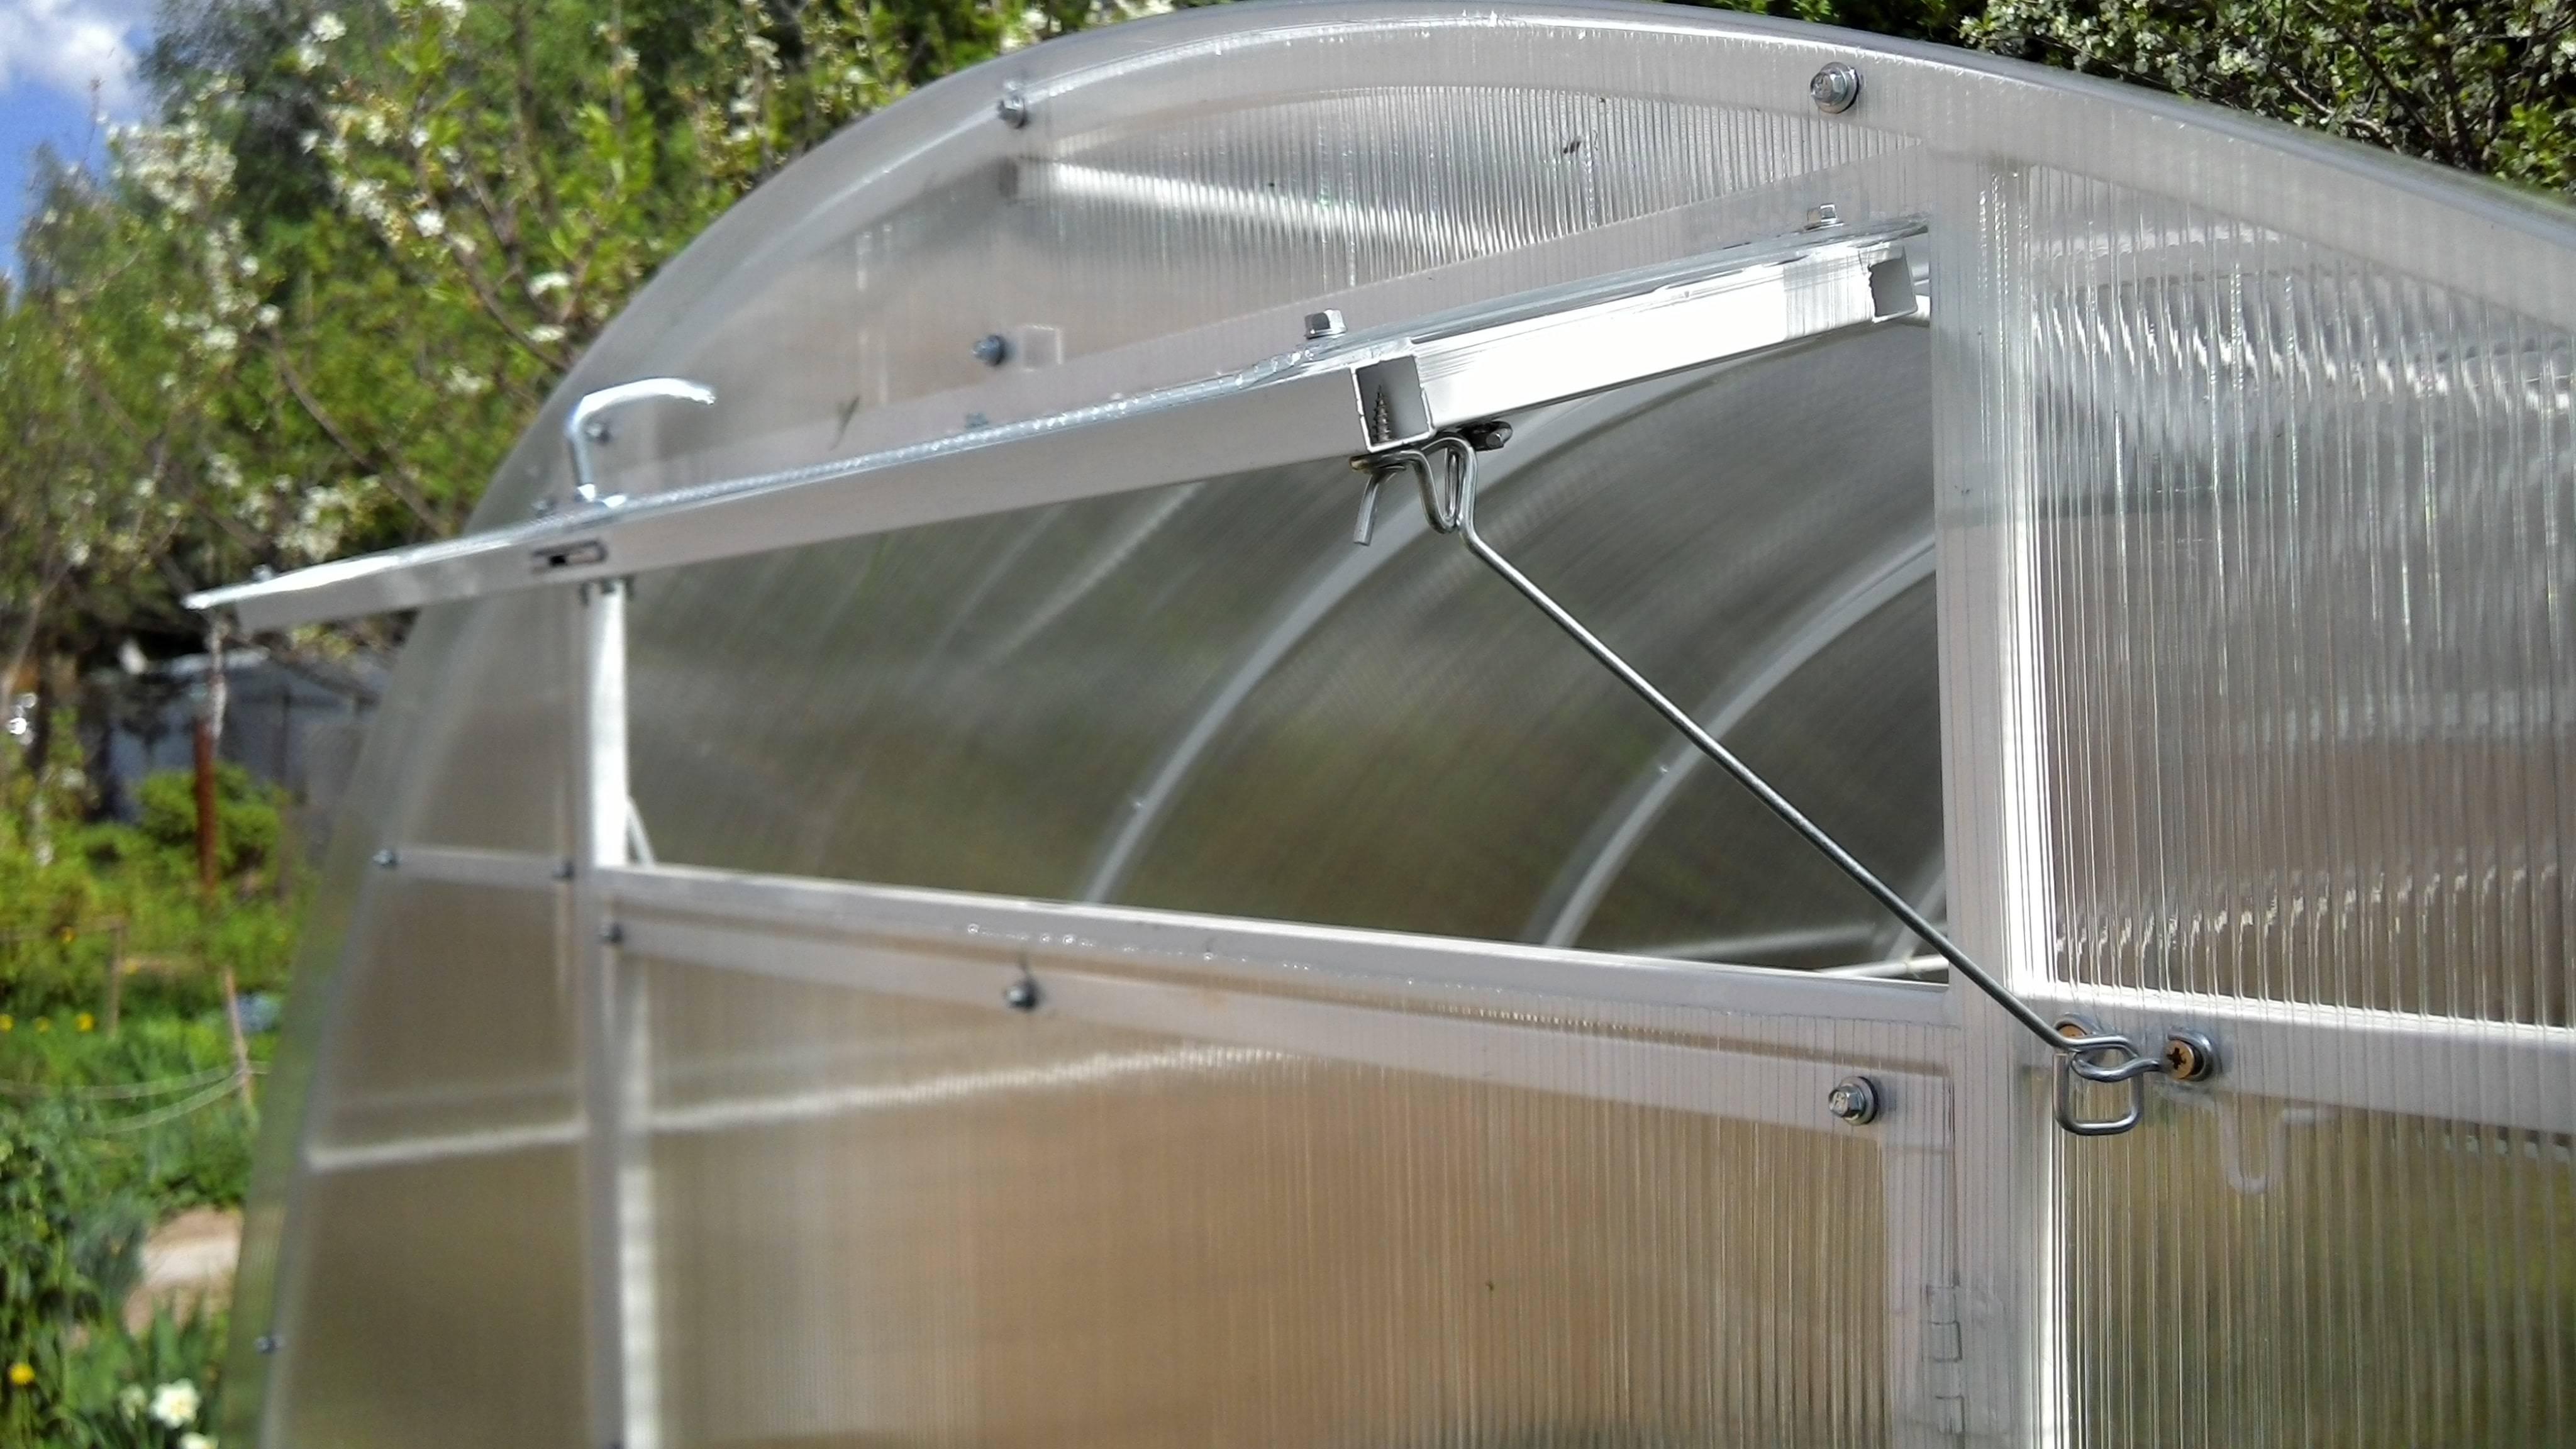 Автомат для проветривания теплицы своими руками, автоматическое проветривание теплицы